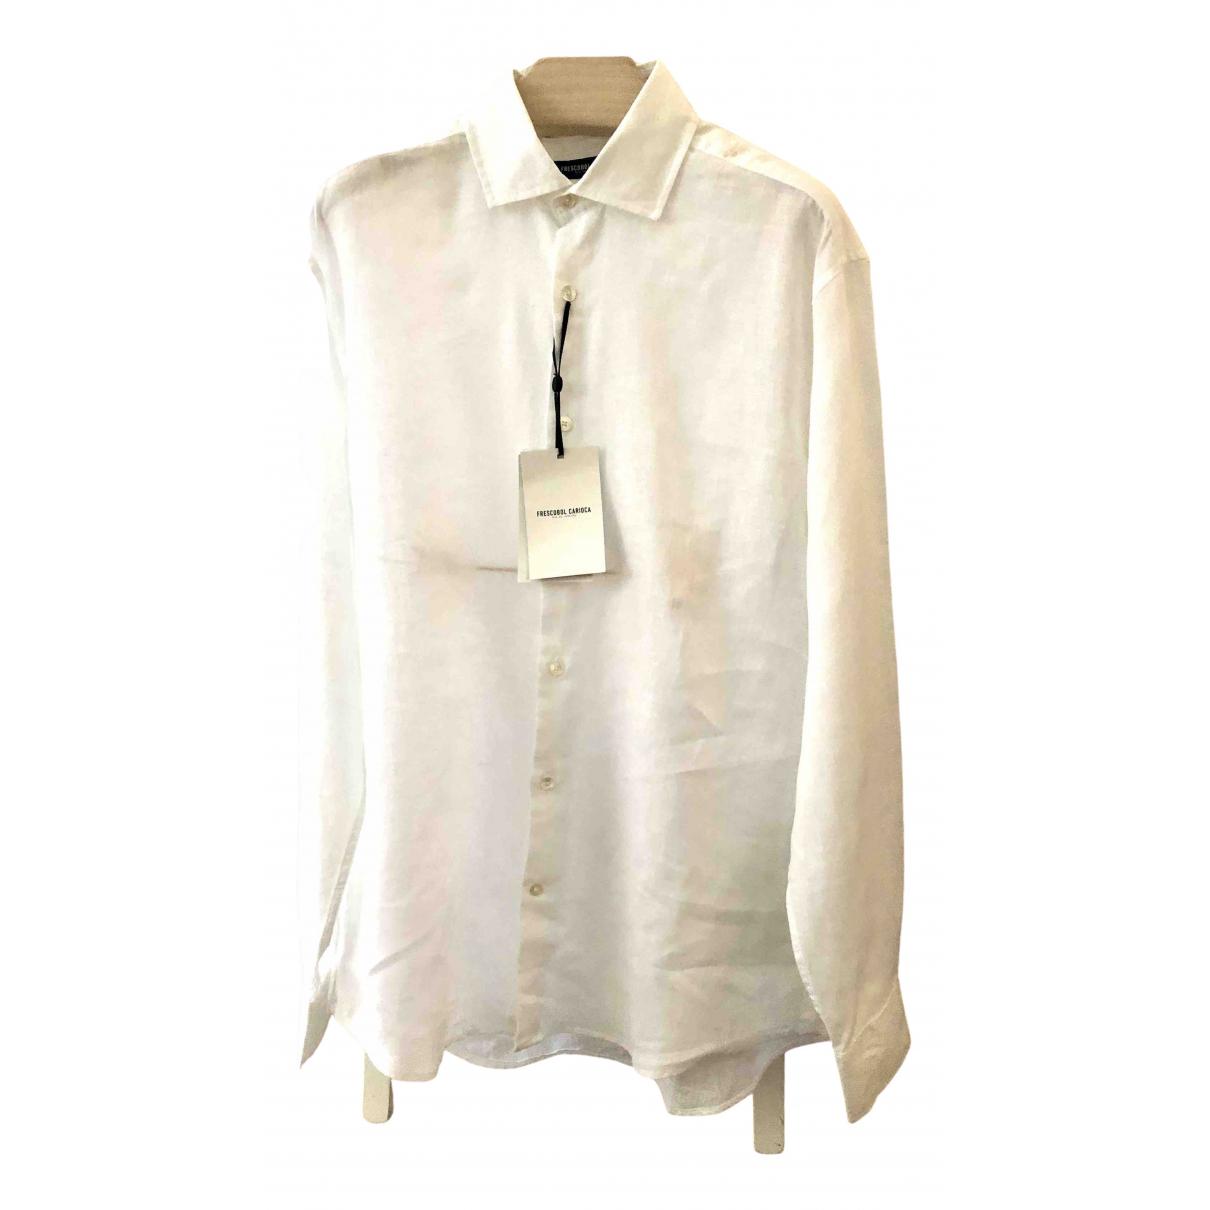 Frescobol Carioca - Chemises   pour homme en lin - blanc